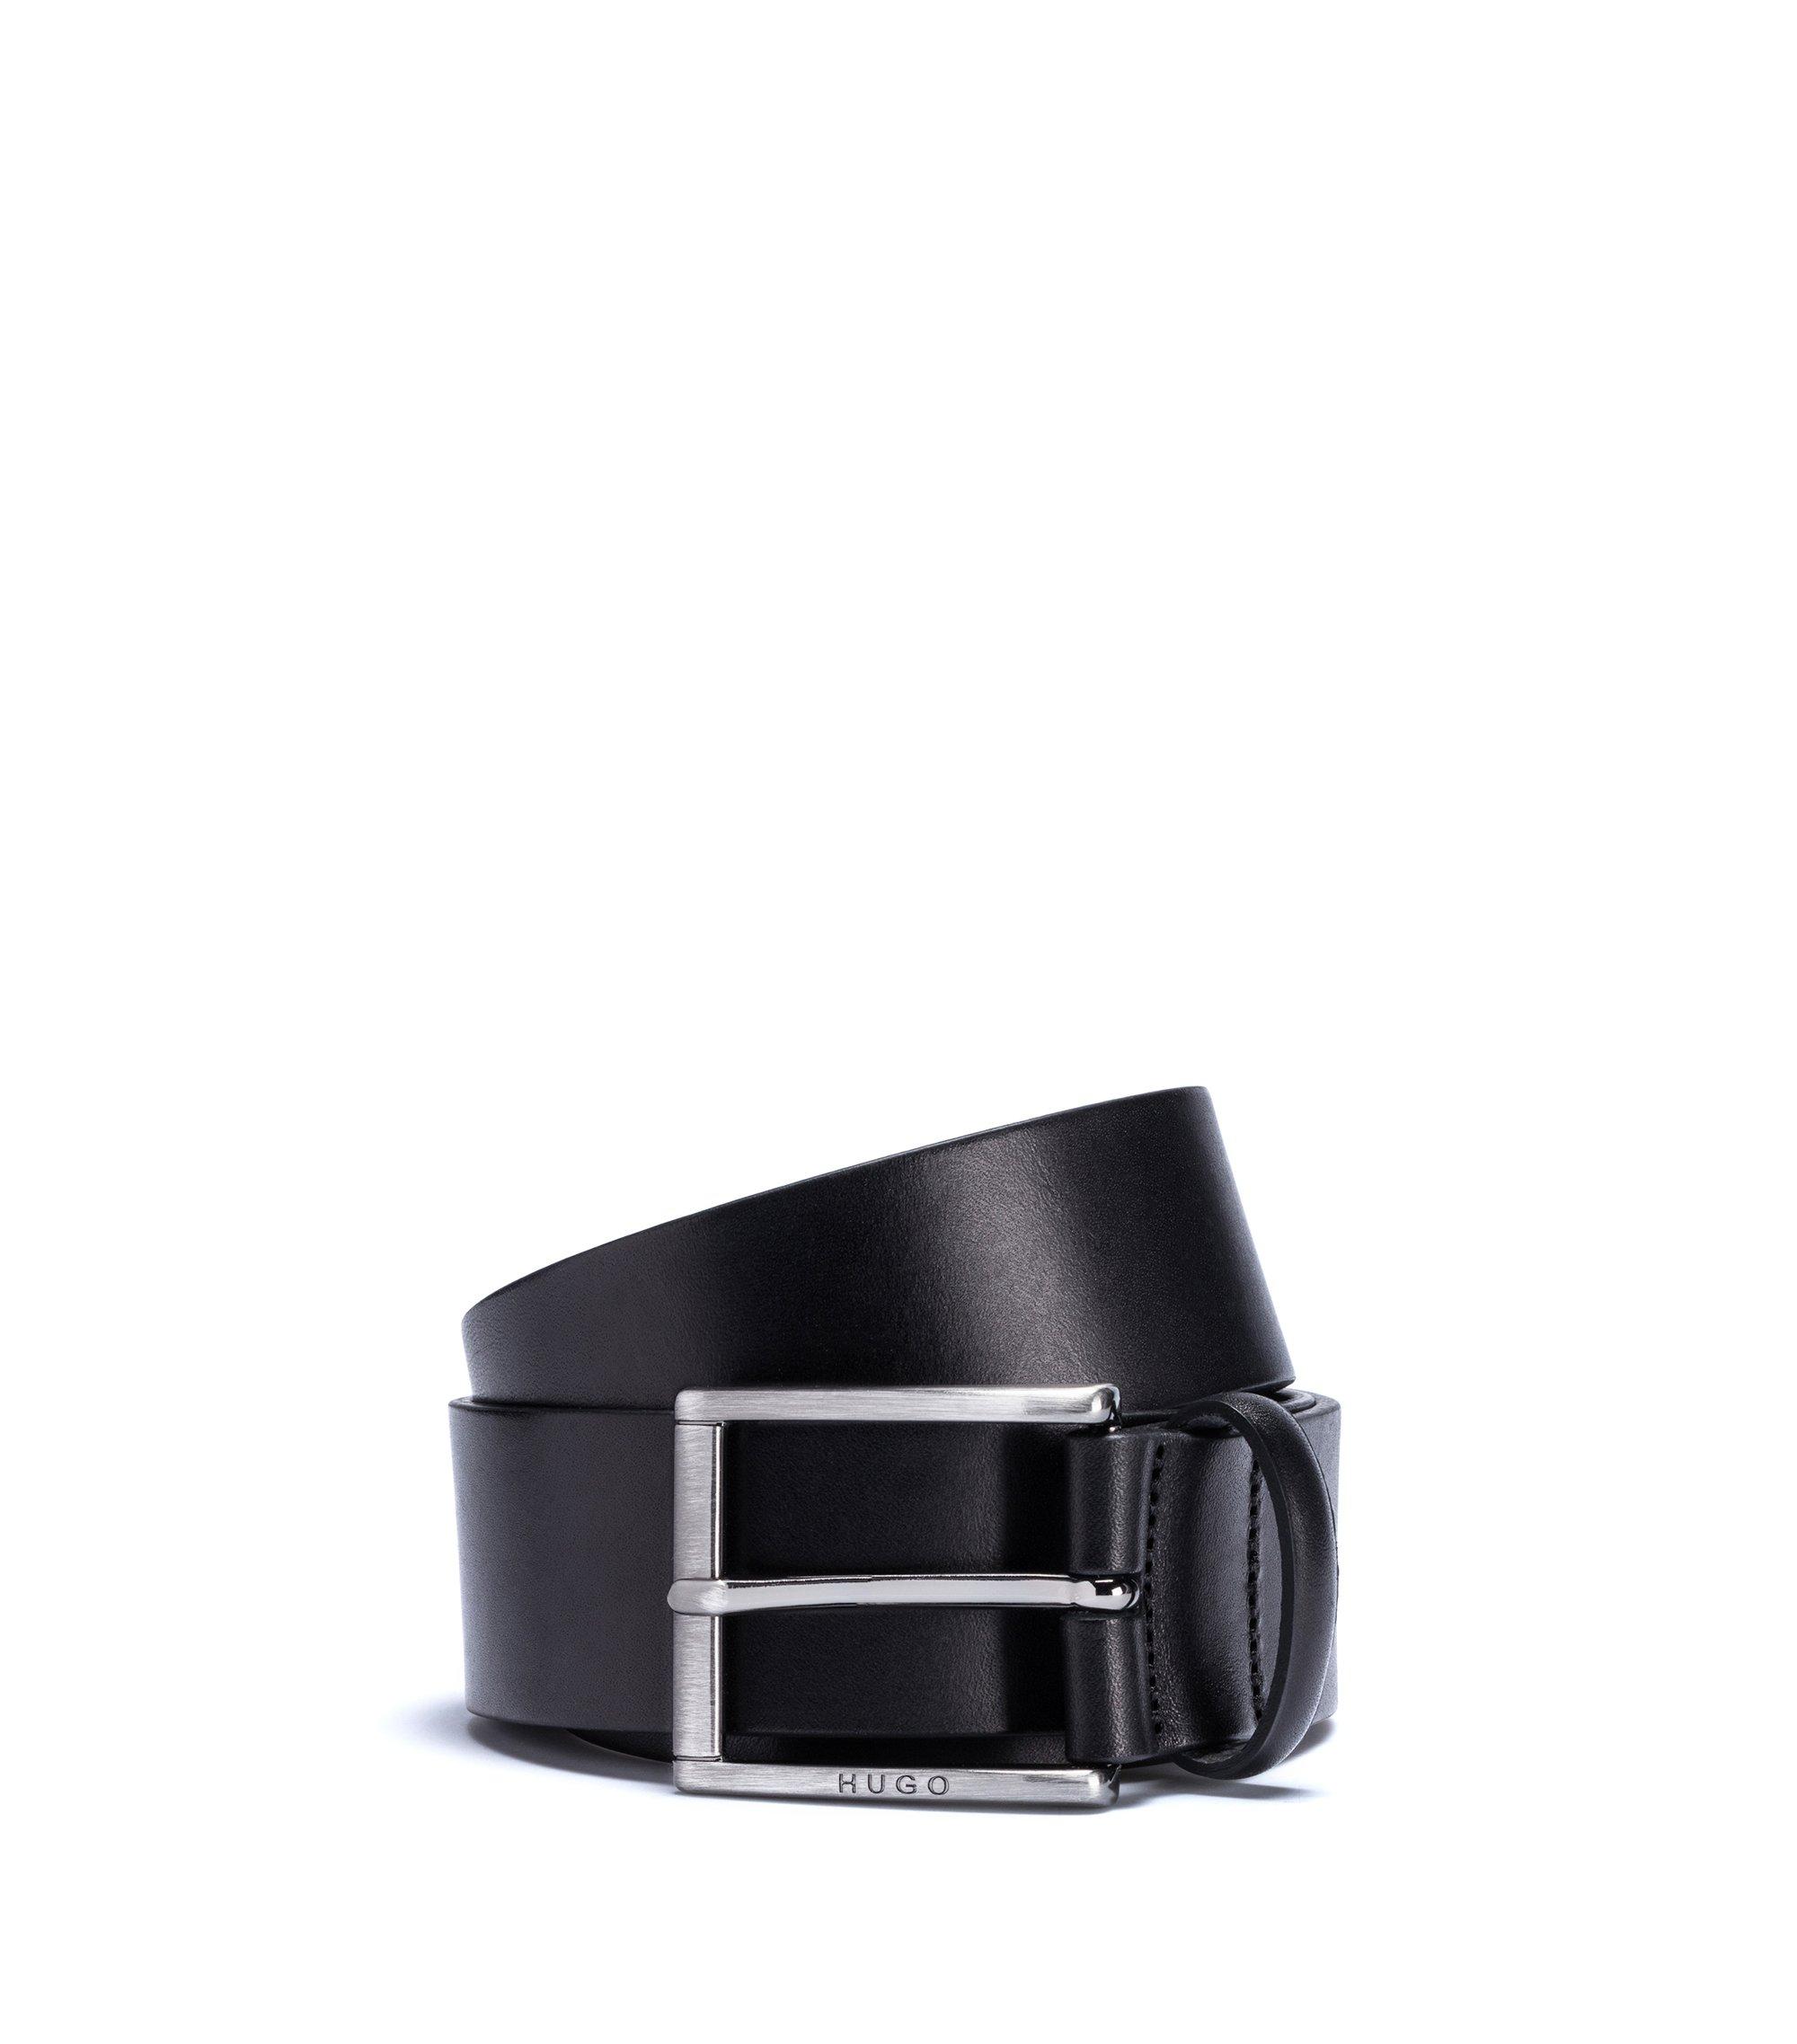 Ledergürtel mit eckiger Dornschließe aus gebürstetem Metall, Schwarz